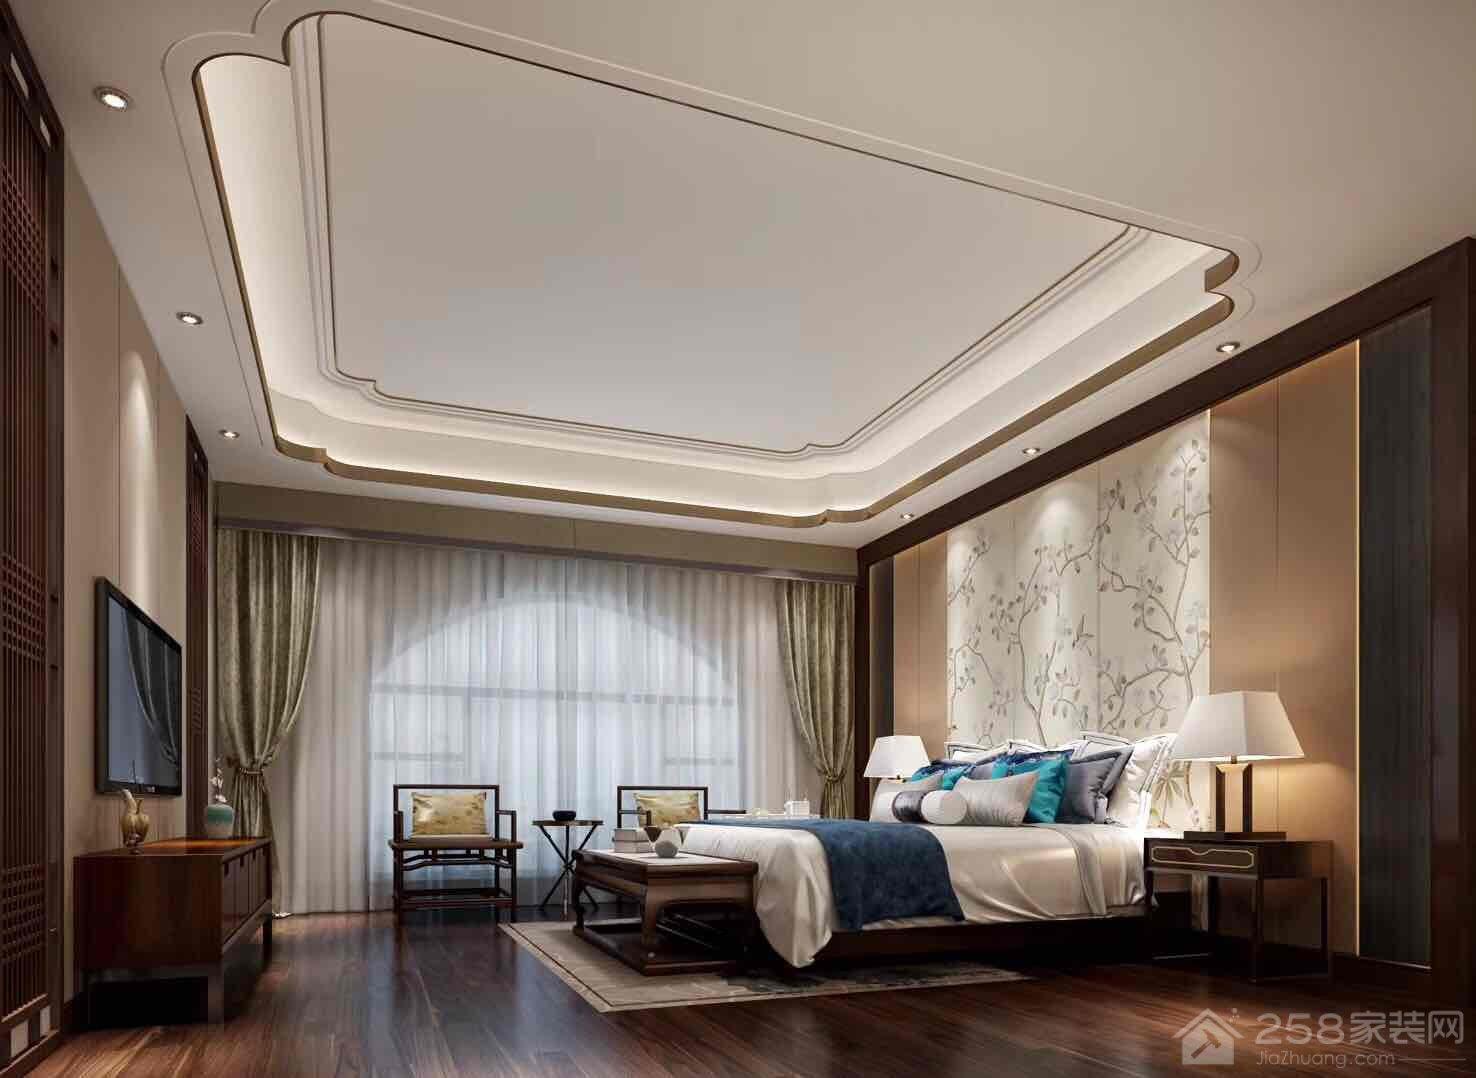 托斯卡纳豪宅中式双人床效果图